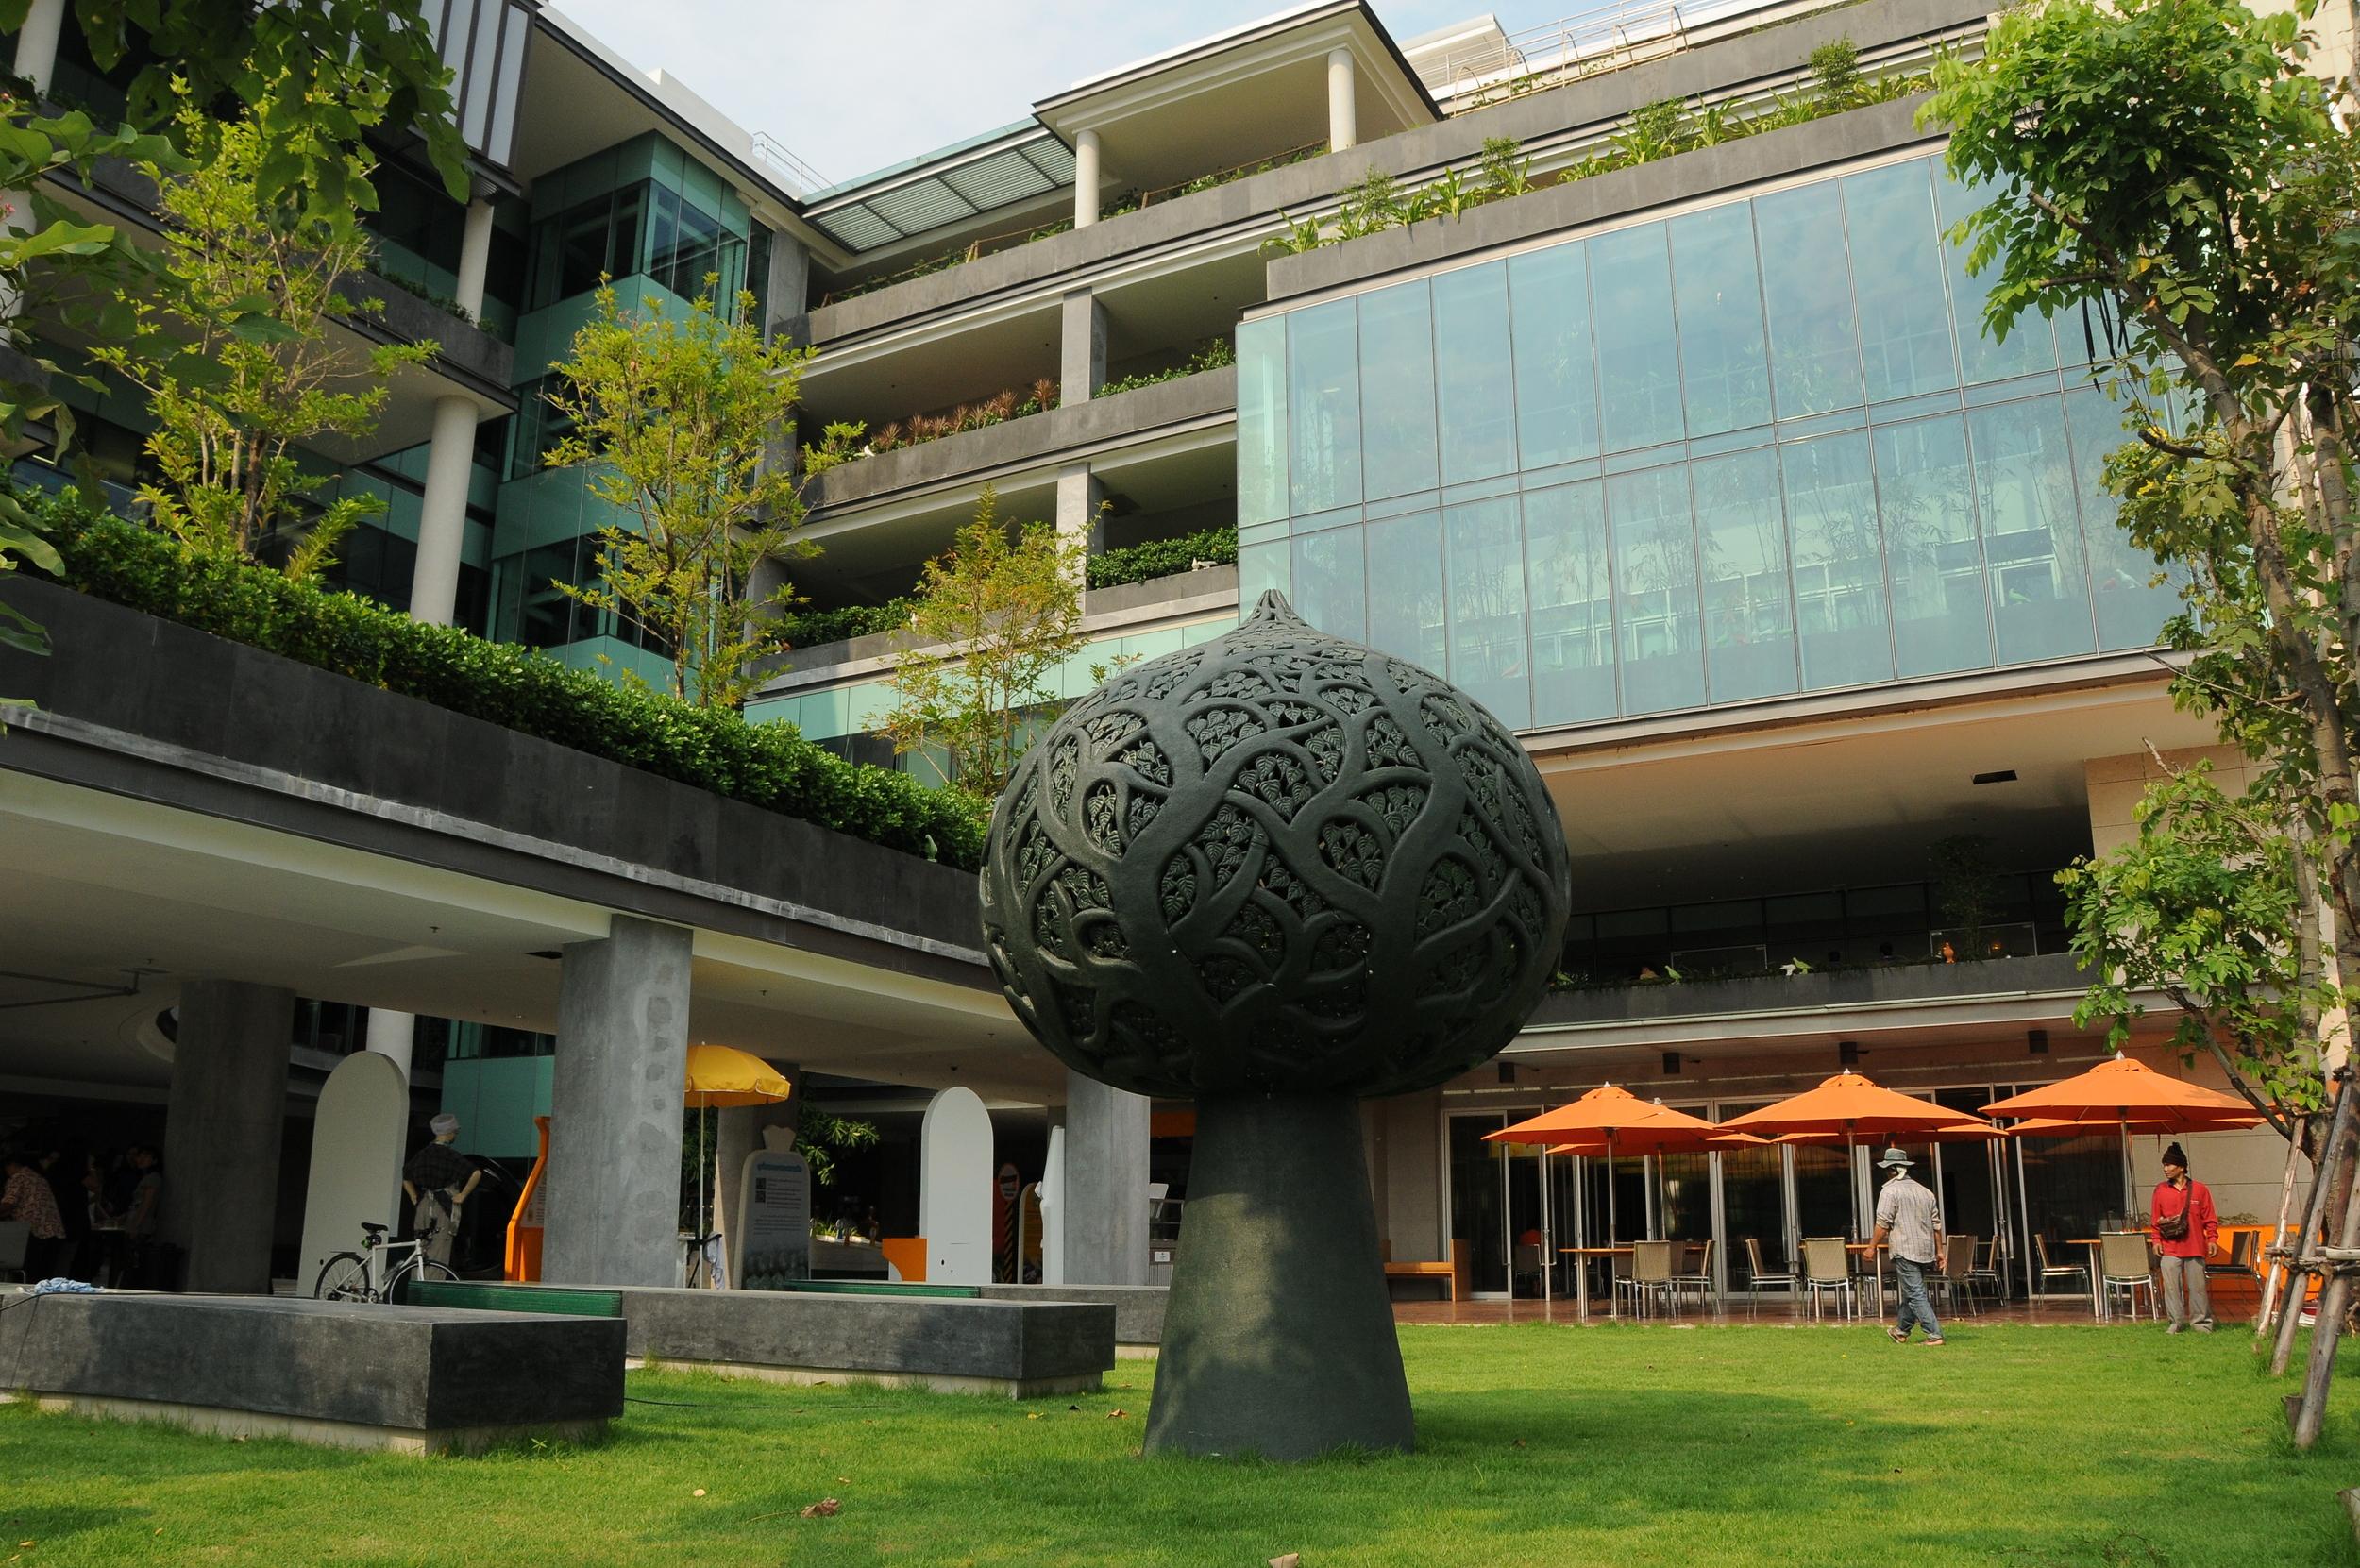 องค์กรต้นแบบ ขยะจัดการได้ด้วยนโยบายที่แน่วแน่ thaihealth